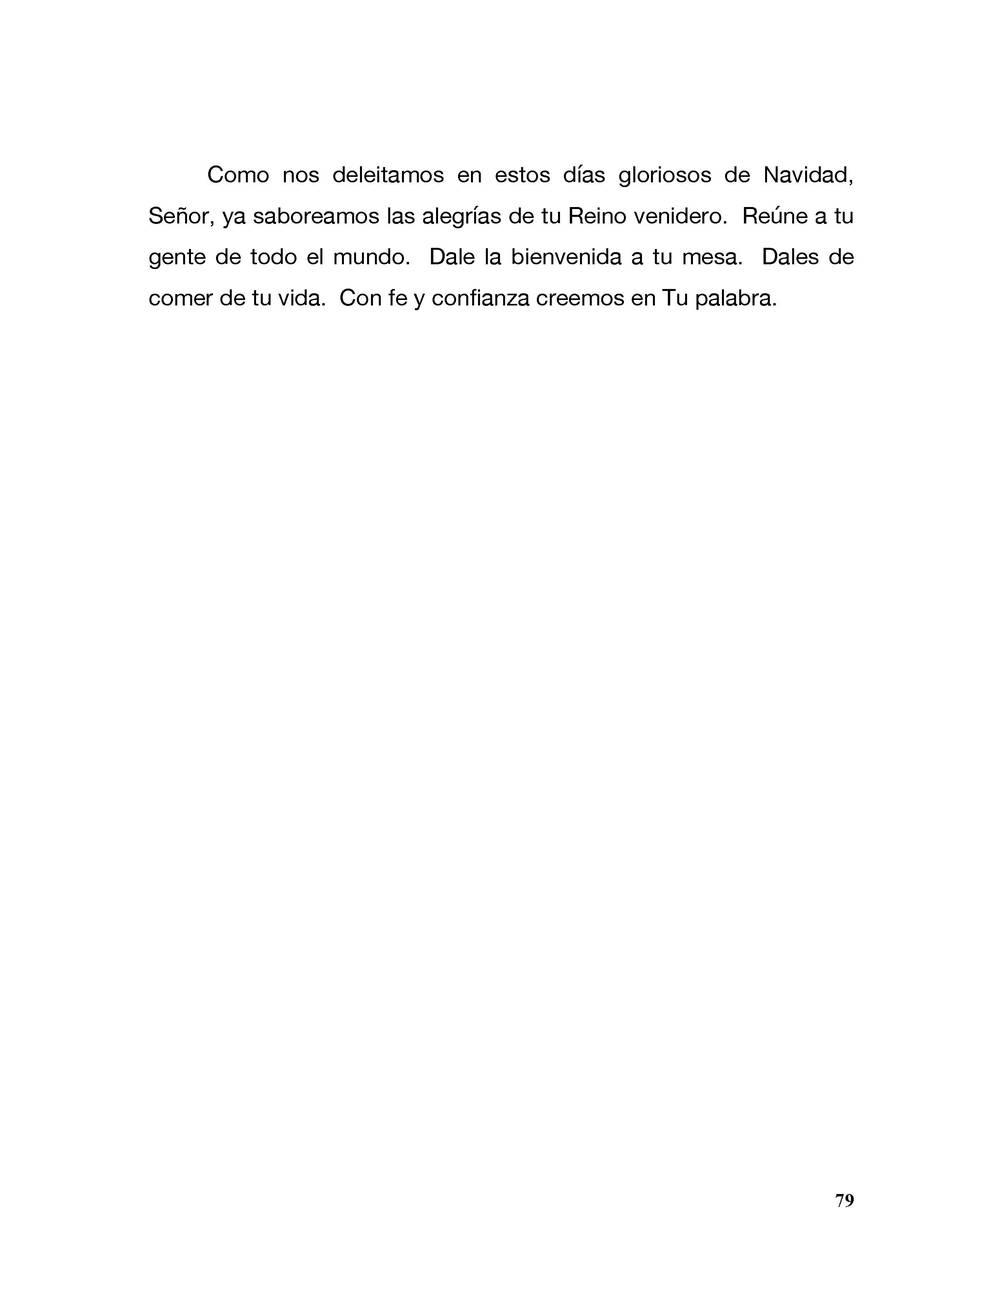 file-page79.jpg